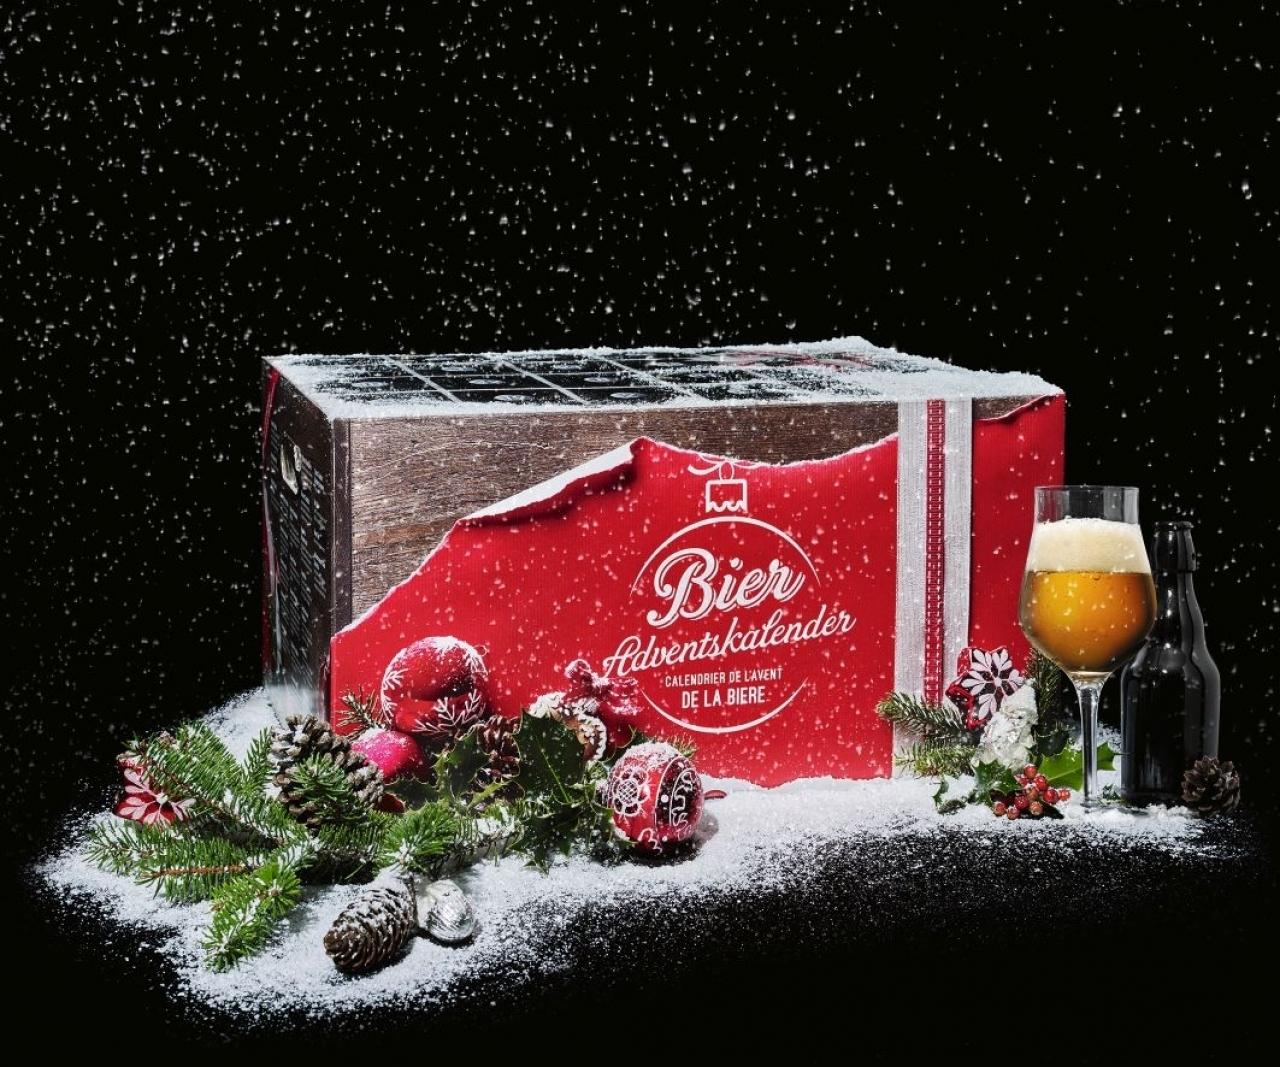 Calendario Avvento Birra.Calendario Dell Avvento Con 24 Birre Svizzere Ticinonline